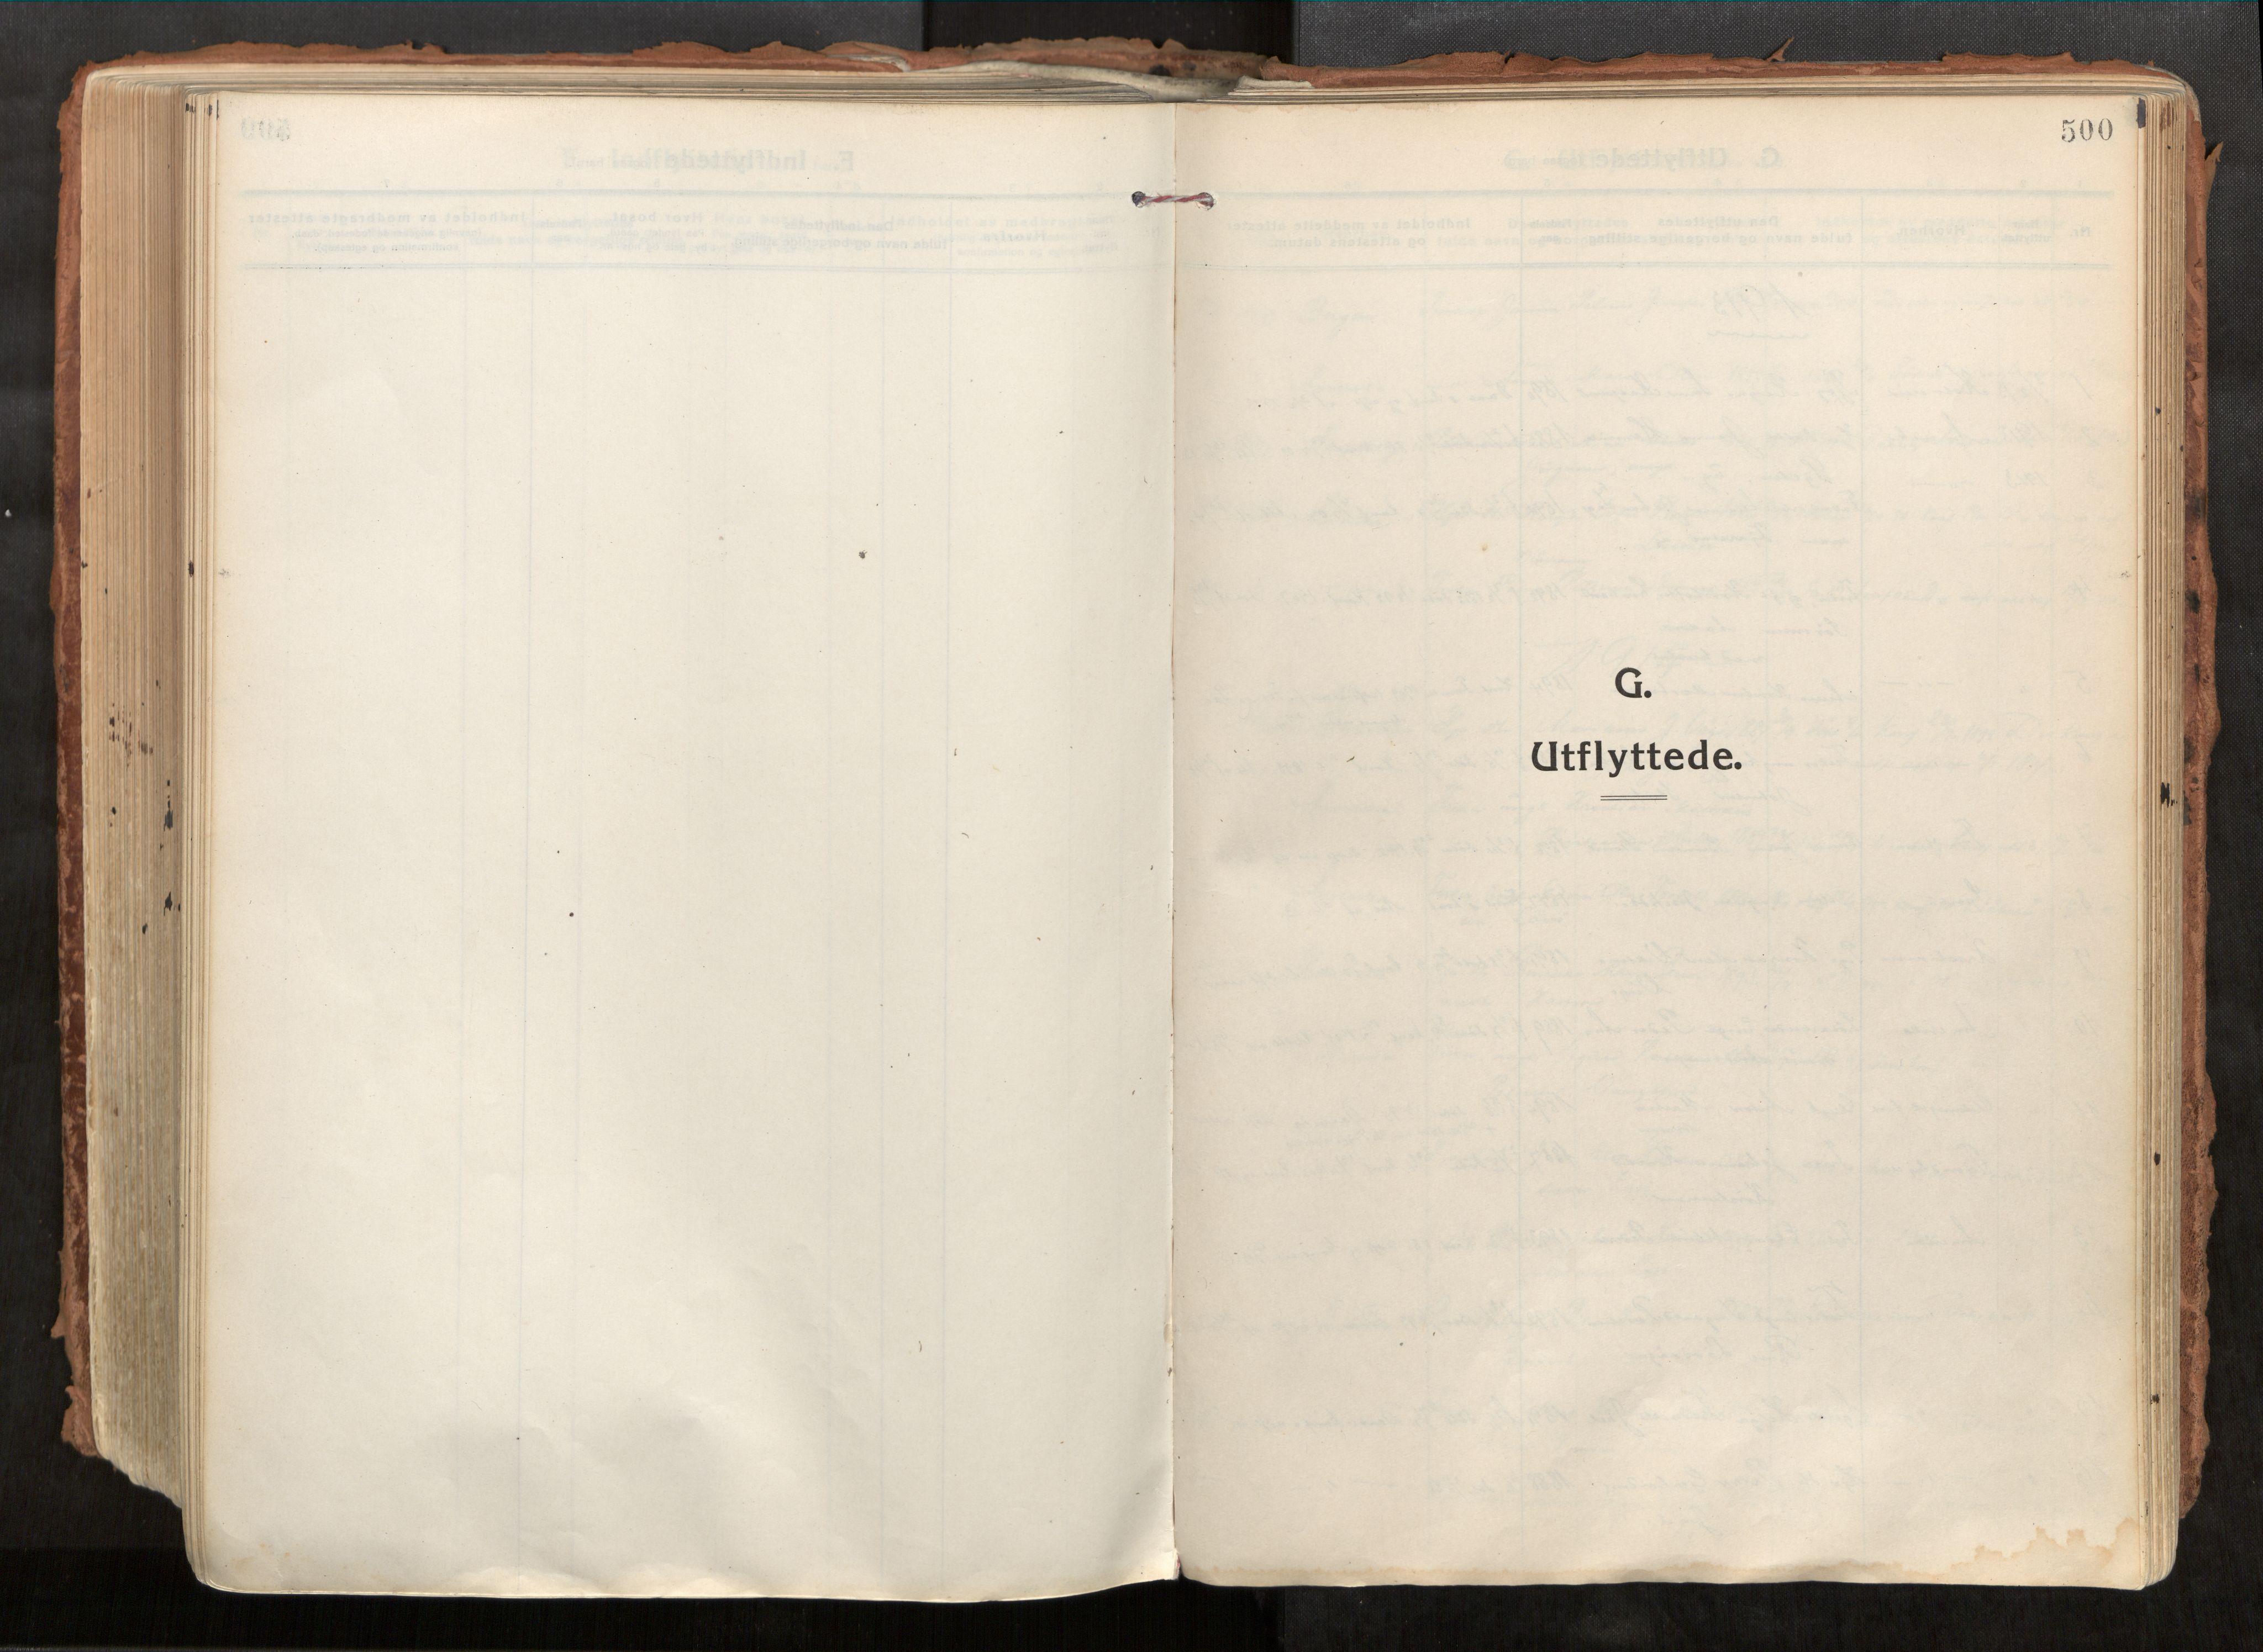 SAT, Vikna sokneprestkontor*, Parish register (official) no. 1, 1913-1934, p. 500